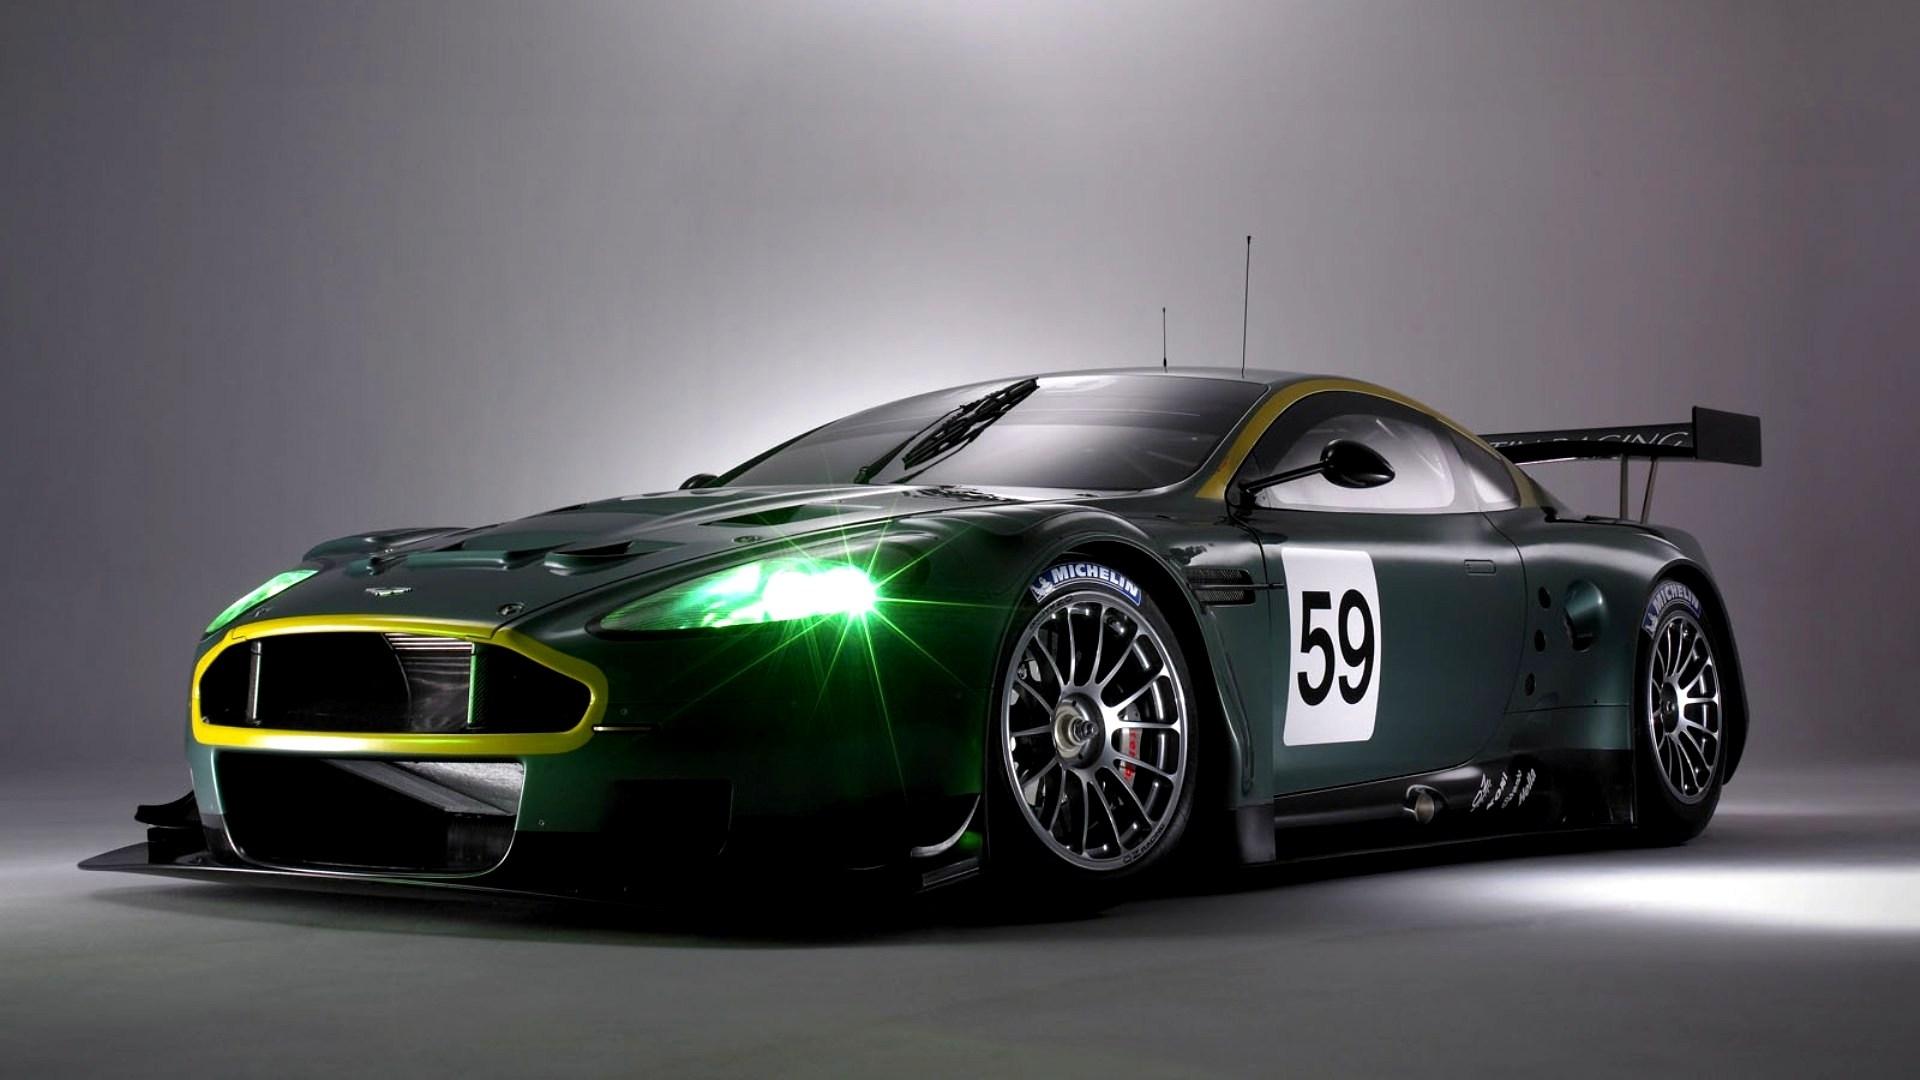 47040 скачать обои Транспорт, Машины, Астон Мартин (Aston Martin) - заставки и картинки бесплатно